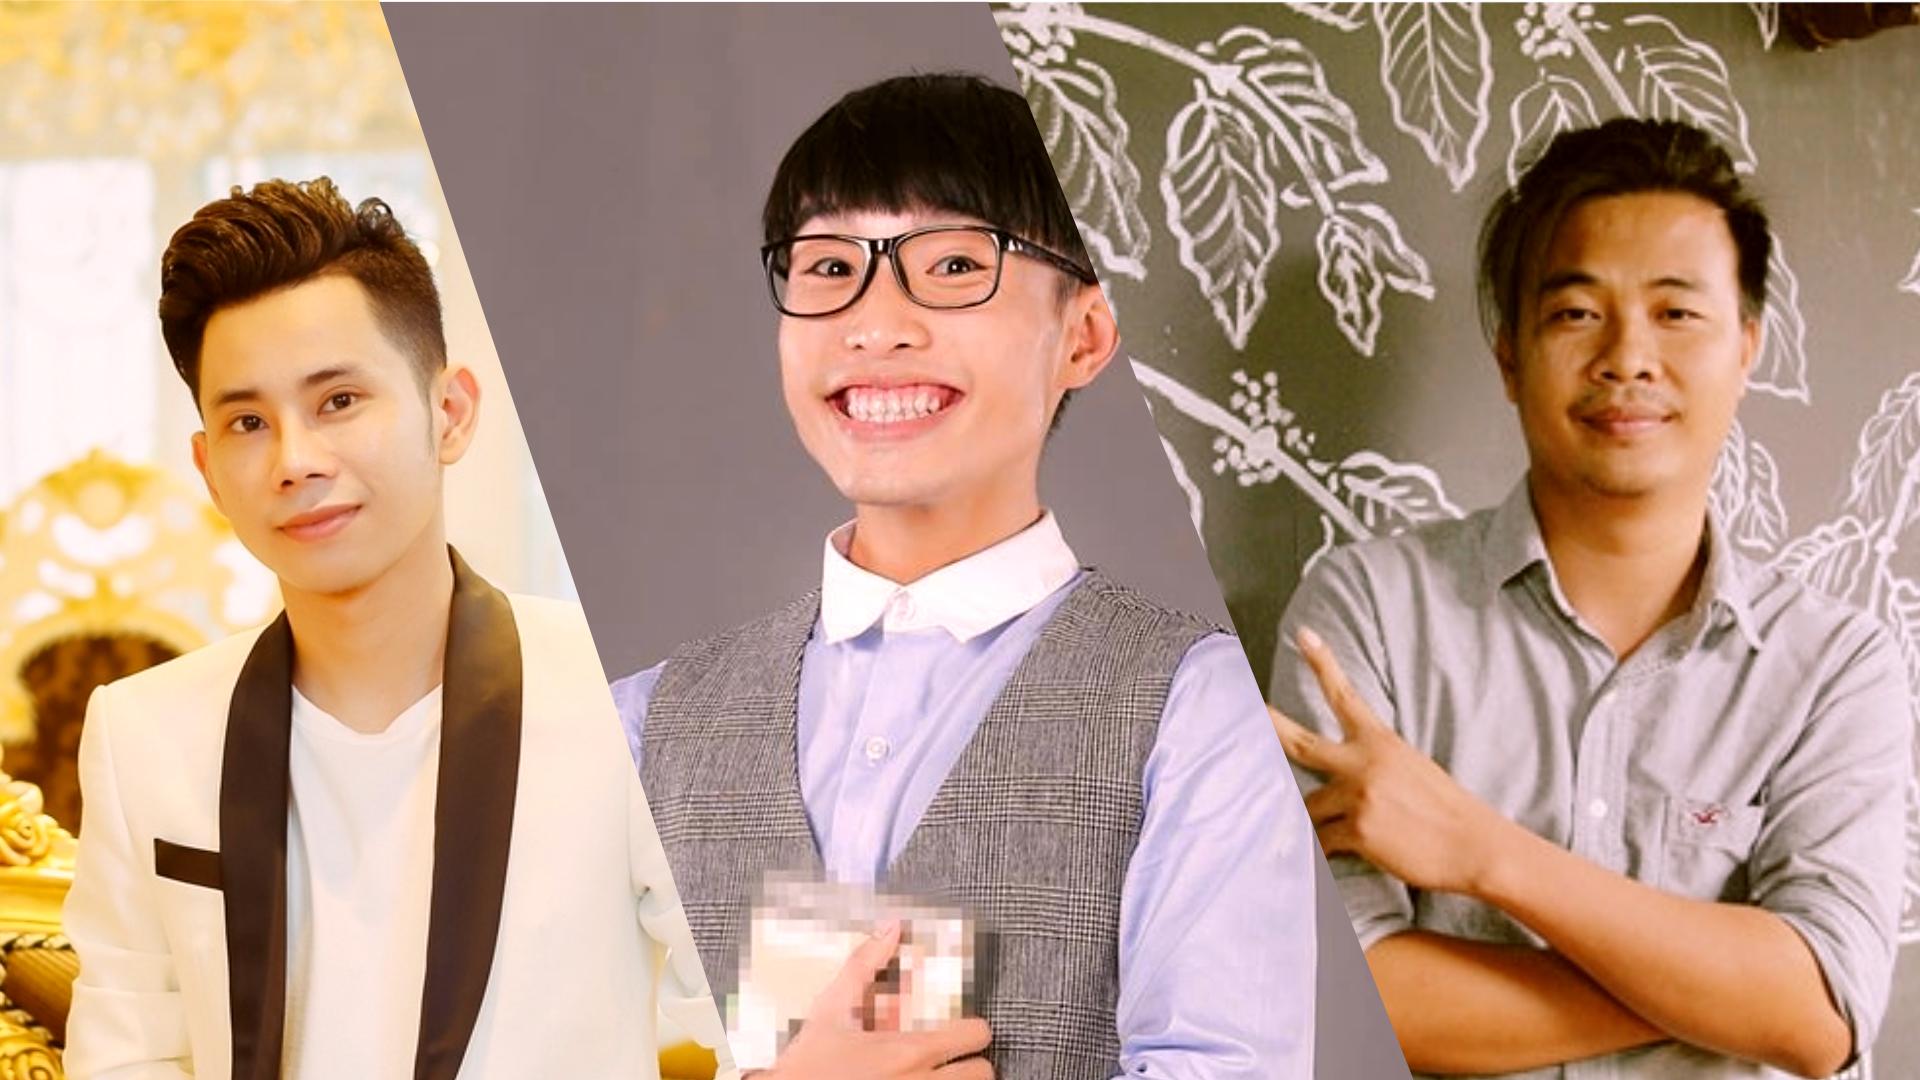 """Top 3 """"thánh nhạc chế"""": Lê Bảo Bình, Củ Tỏi, Tài Smile - Lật tẩy bí quyết thành công của các video nhạc chế triệu view"""